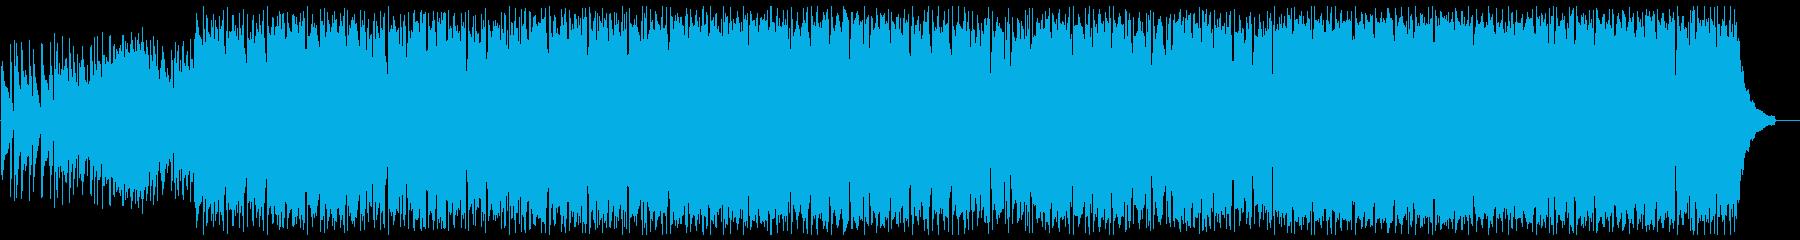 ピアノの伴奏が印象的な爽やかポップスの再生済みの波形